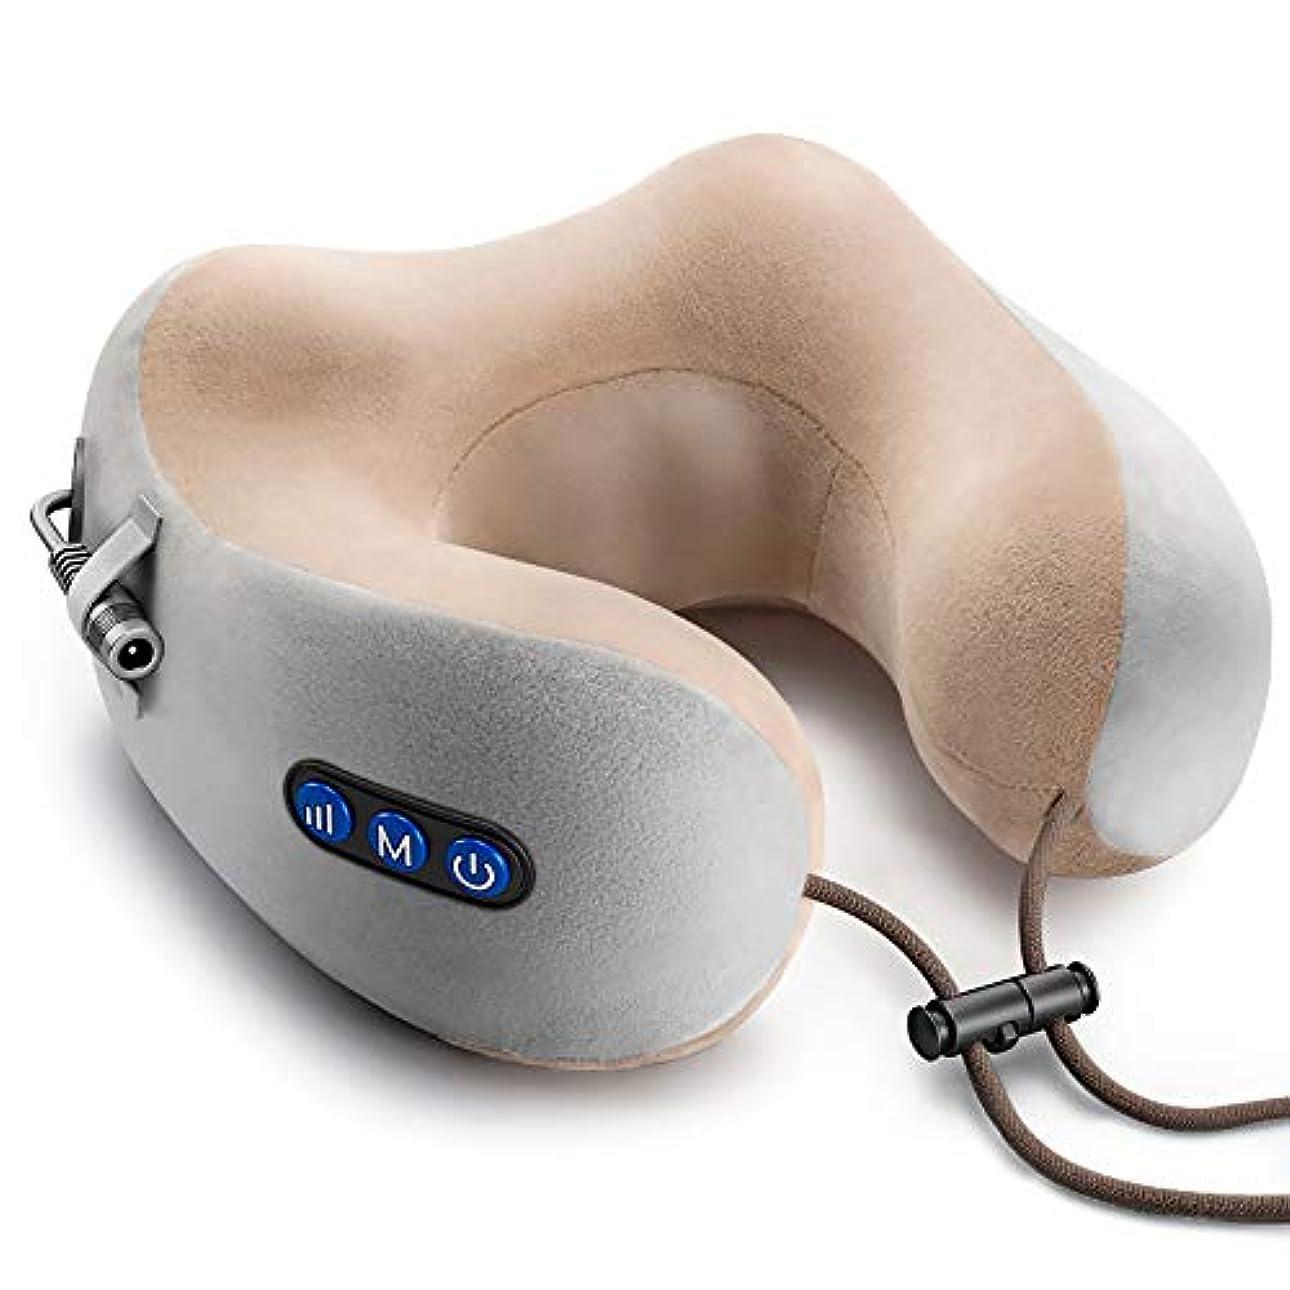 共役憂鬱な親愛な首マッサージャー ネックマッサージャー U型 USB充電式 3モード 低反発ネックマッサージピロー 自動オフ機能 肩こり ストレス解消 多機能 人間工学 日本語取扱説明書付 プレゼント